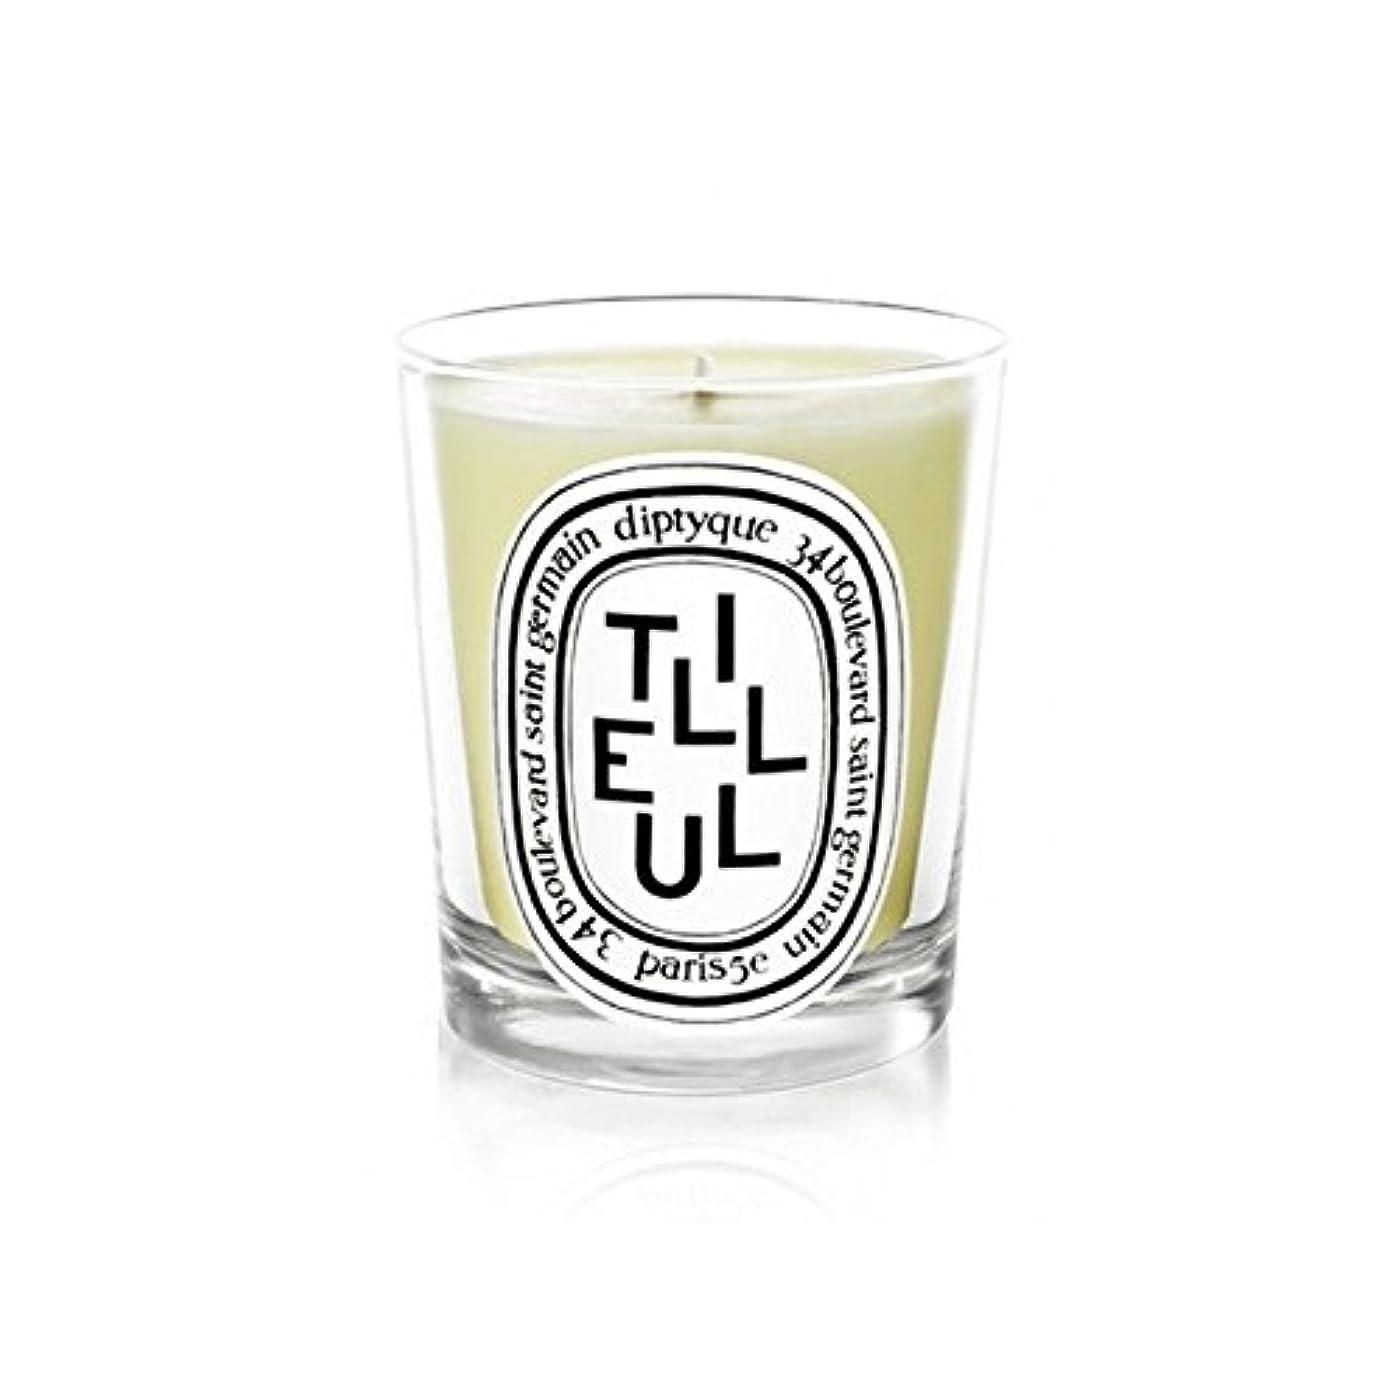 構造的上に築きます前任者Diptyque Candle Tilleul / Linden Tree 190g (Pack of 6) - DiptyqueキャンドルTilleulの/菩提樹の190グラム (x6) [並行輸入品]